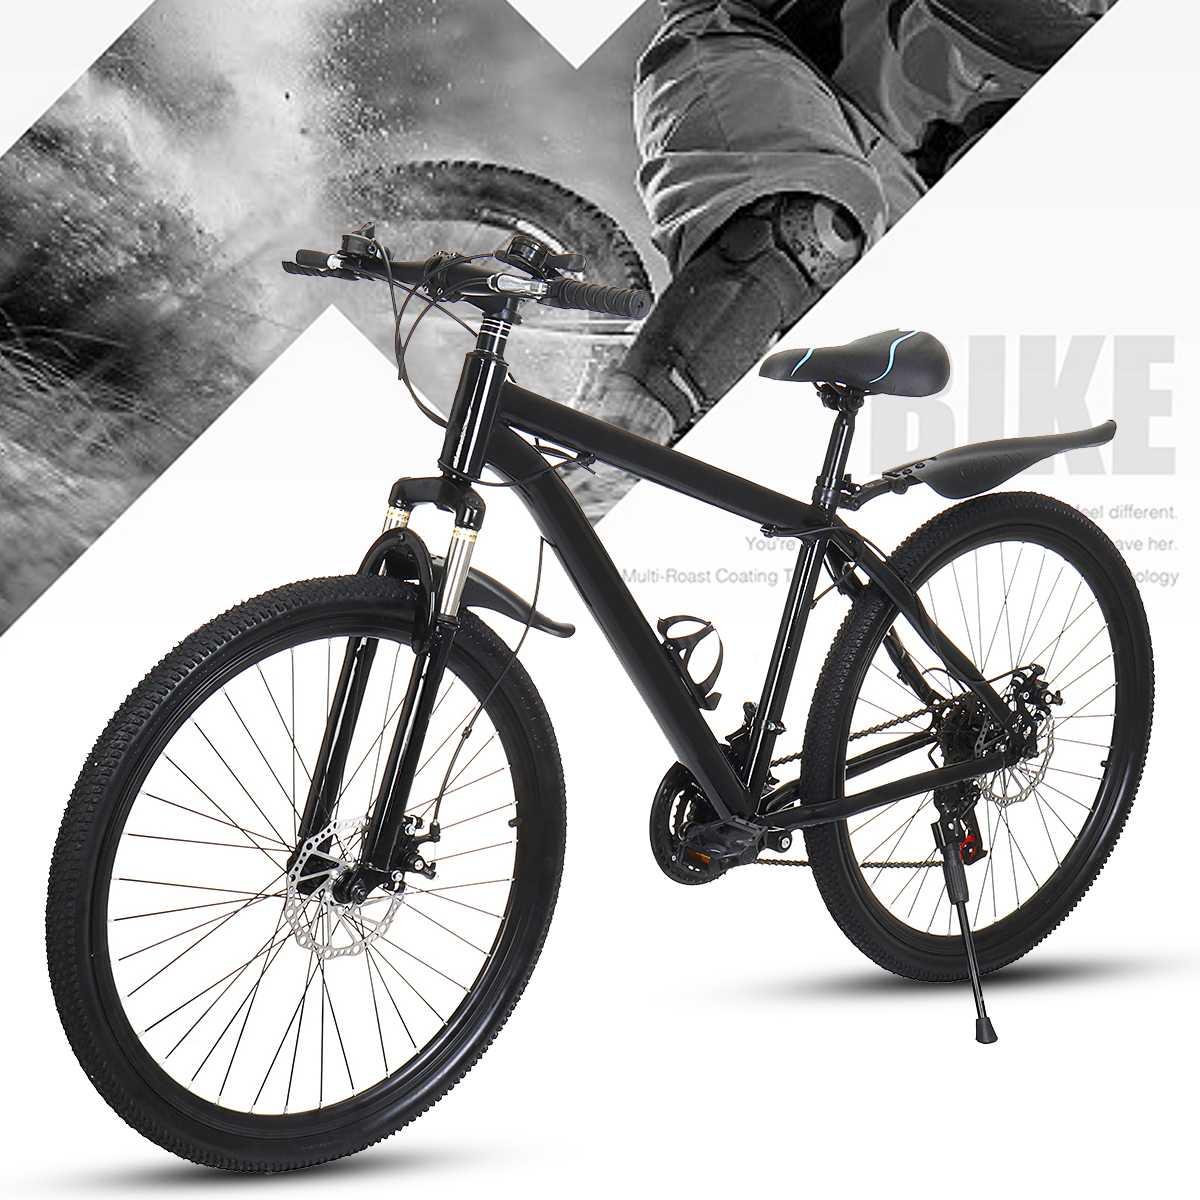 Горный велосипед, 21 скорость, передний и задний тормоз, колеса 26 дюймов, двойные дисковые тормоза для поездок на открытом воздухе, для взросл...